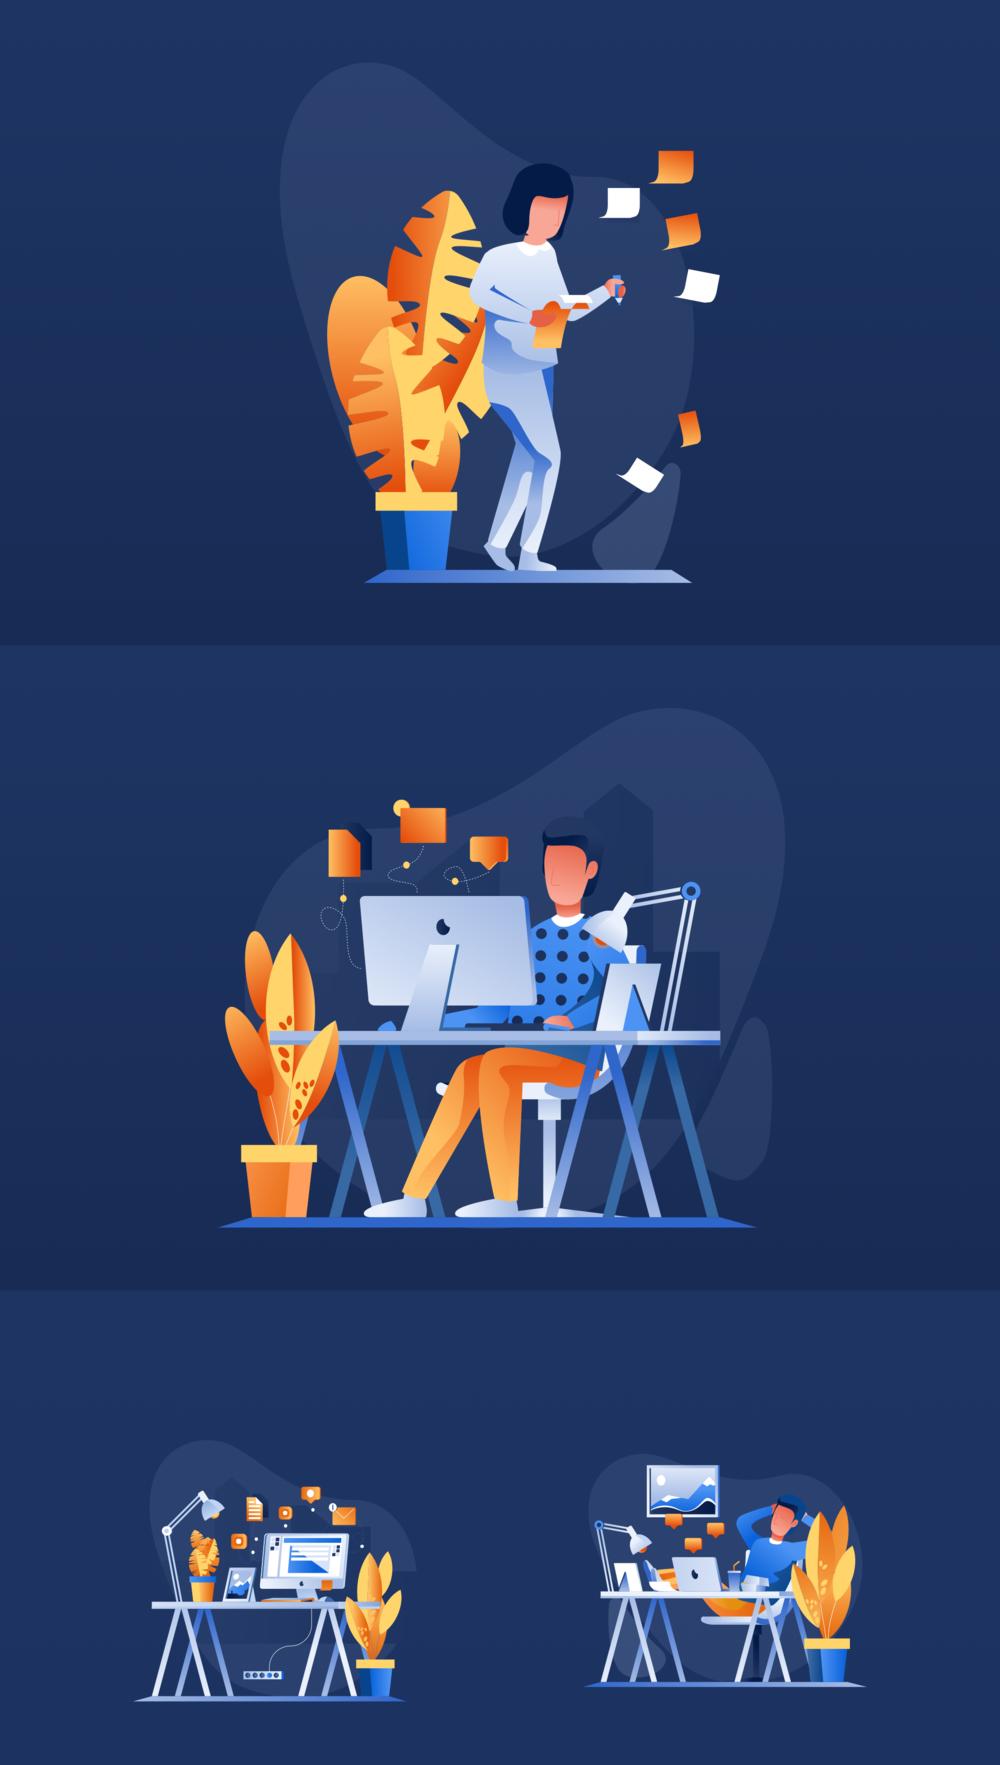 移动版网页版工作和办公室插图包 UI界面-第12张